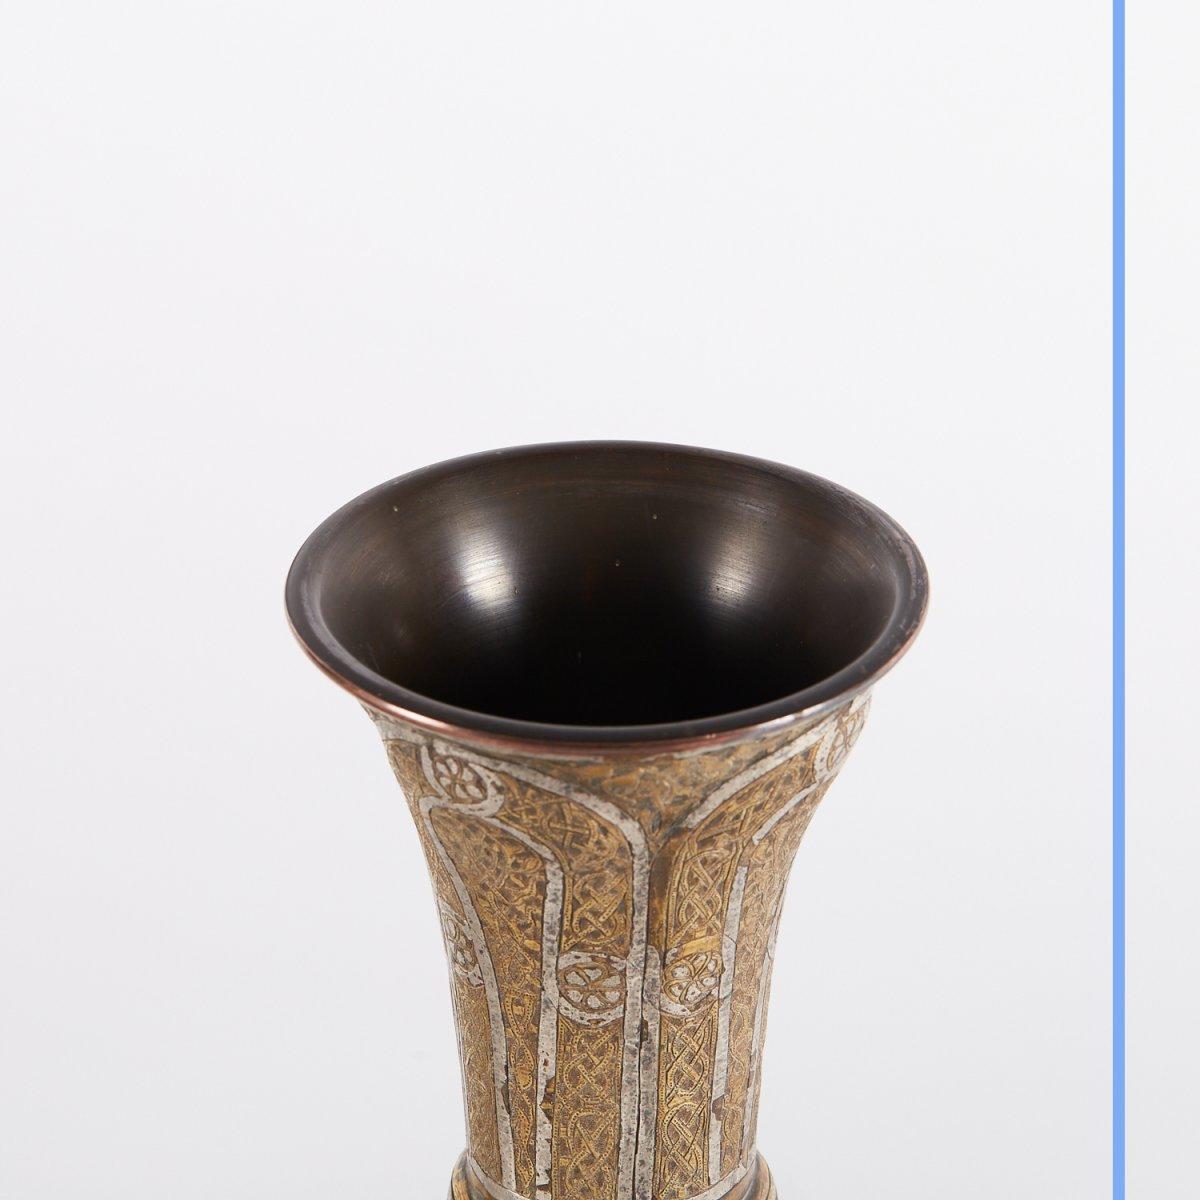 Paire de vases en métal argenté et doré gravé, Syrie, XIXe-photo-1